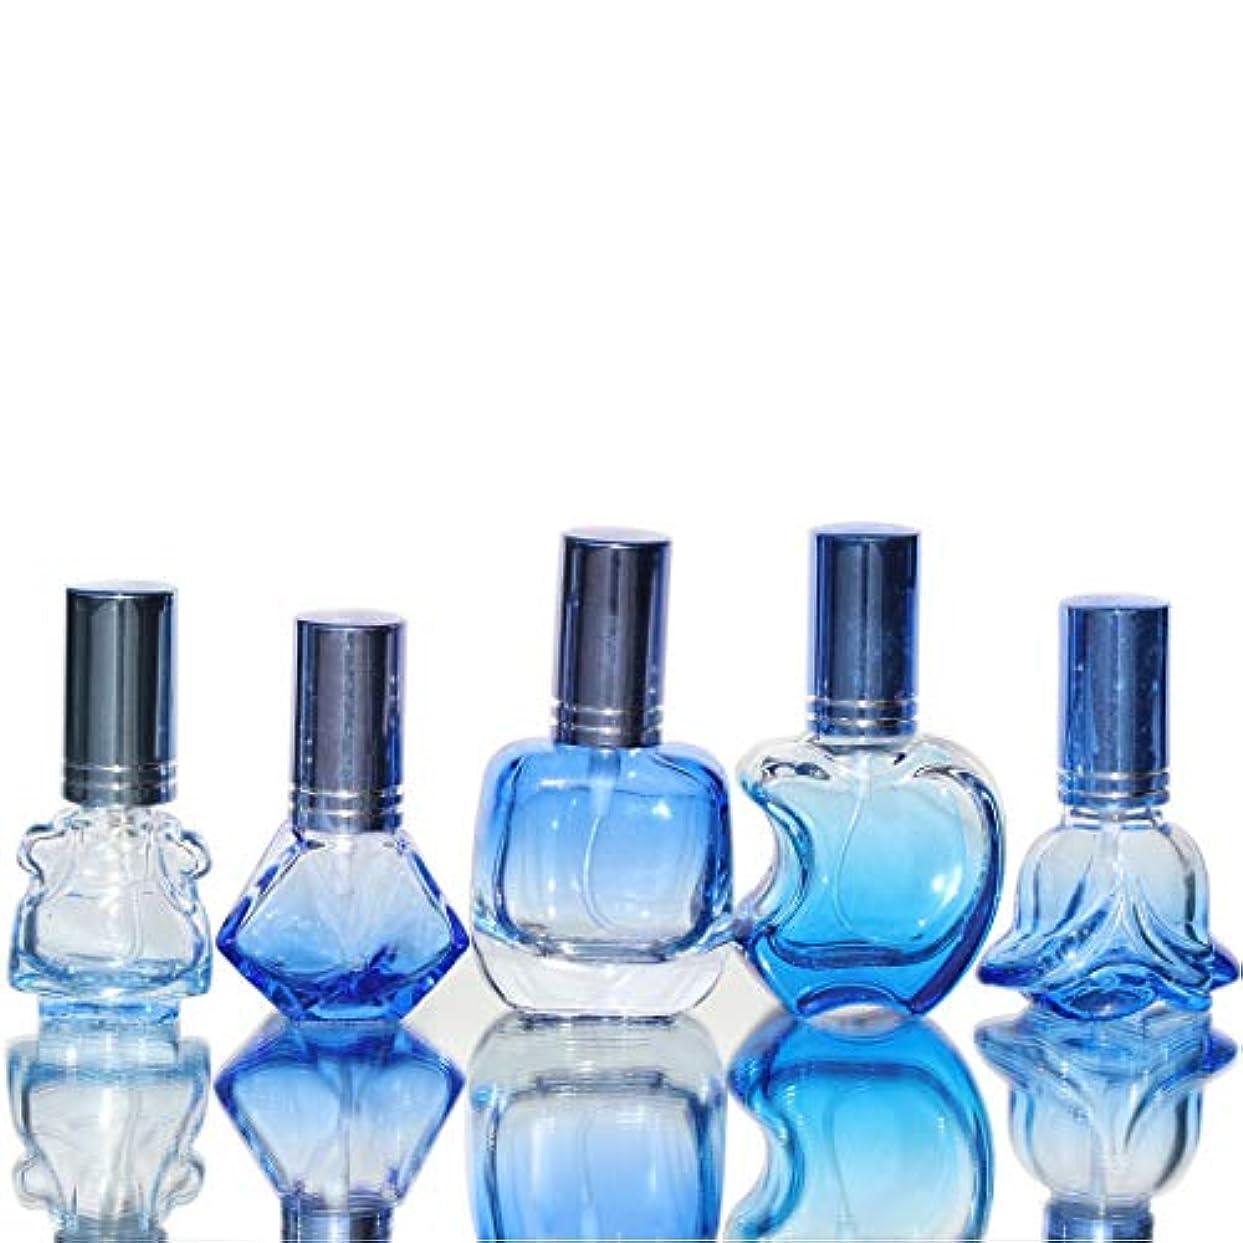 弁護聴覚障害者混沌Waltz&F カラフル ガラス製香水瓶 フレグランスボトル 詰替用瓶 空き アトマイザー 分け瓶 旅行用品 化粧水用瓶